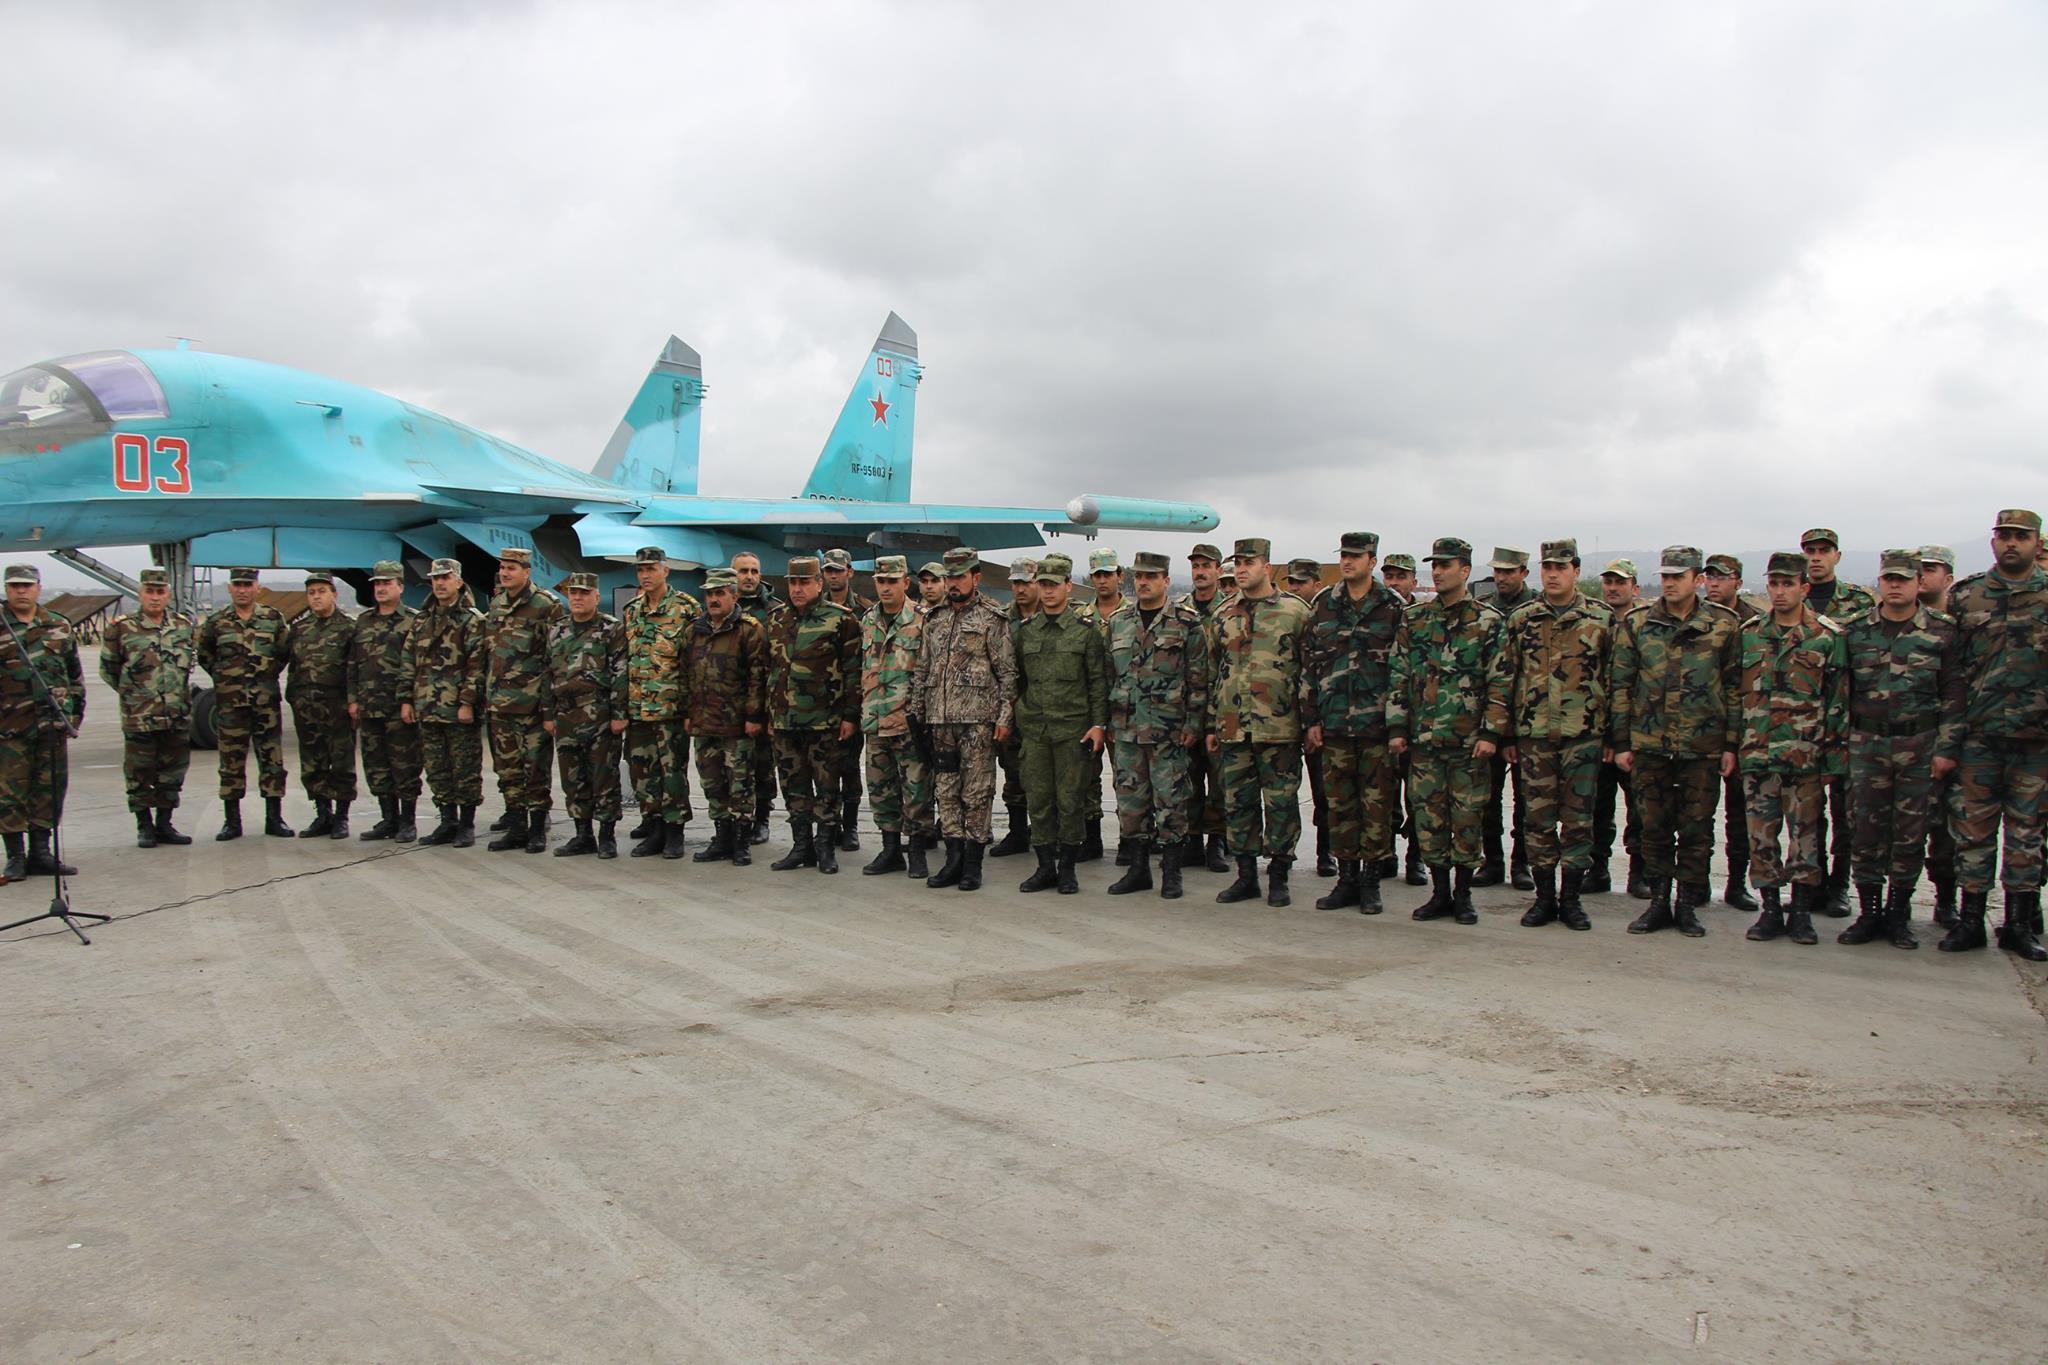 Офицеры сирийской армии на авиабазе Хмеймим на процедуре награждения российскими наградами и грамотами, конец 2015 года.